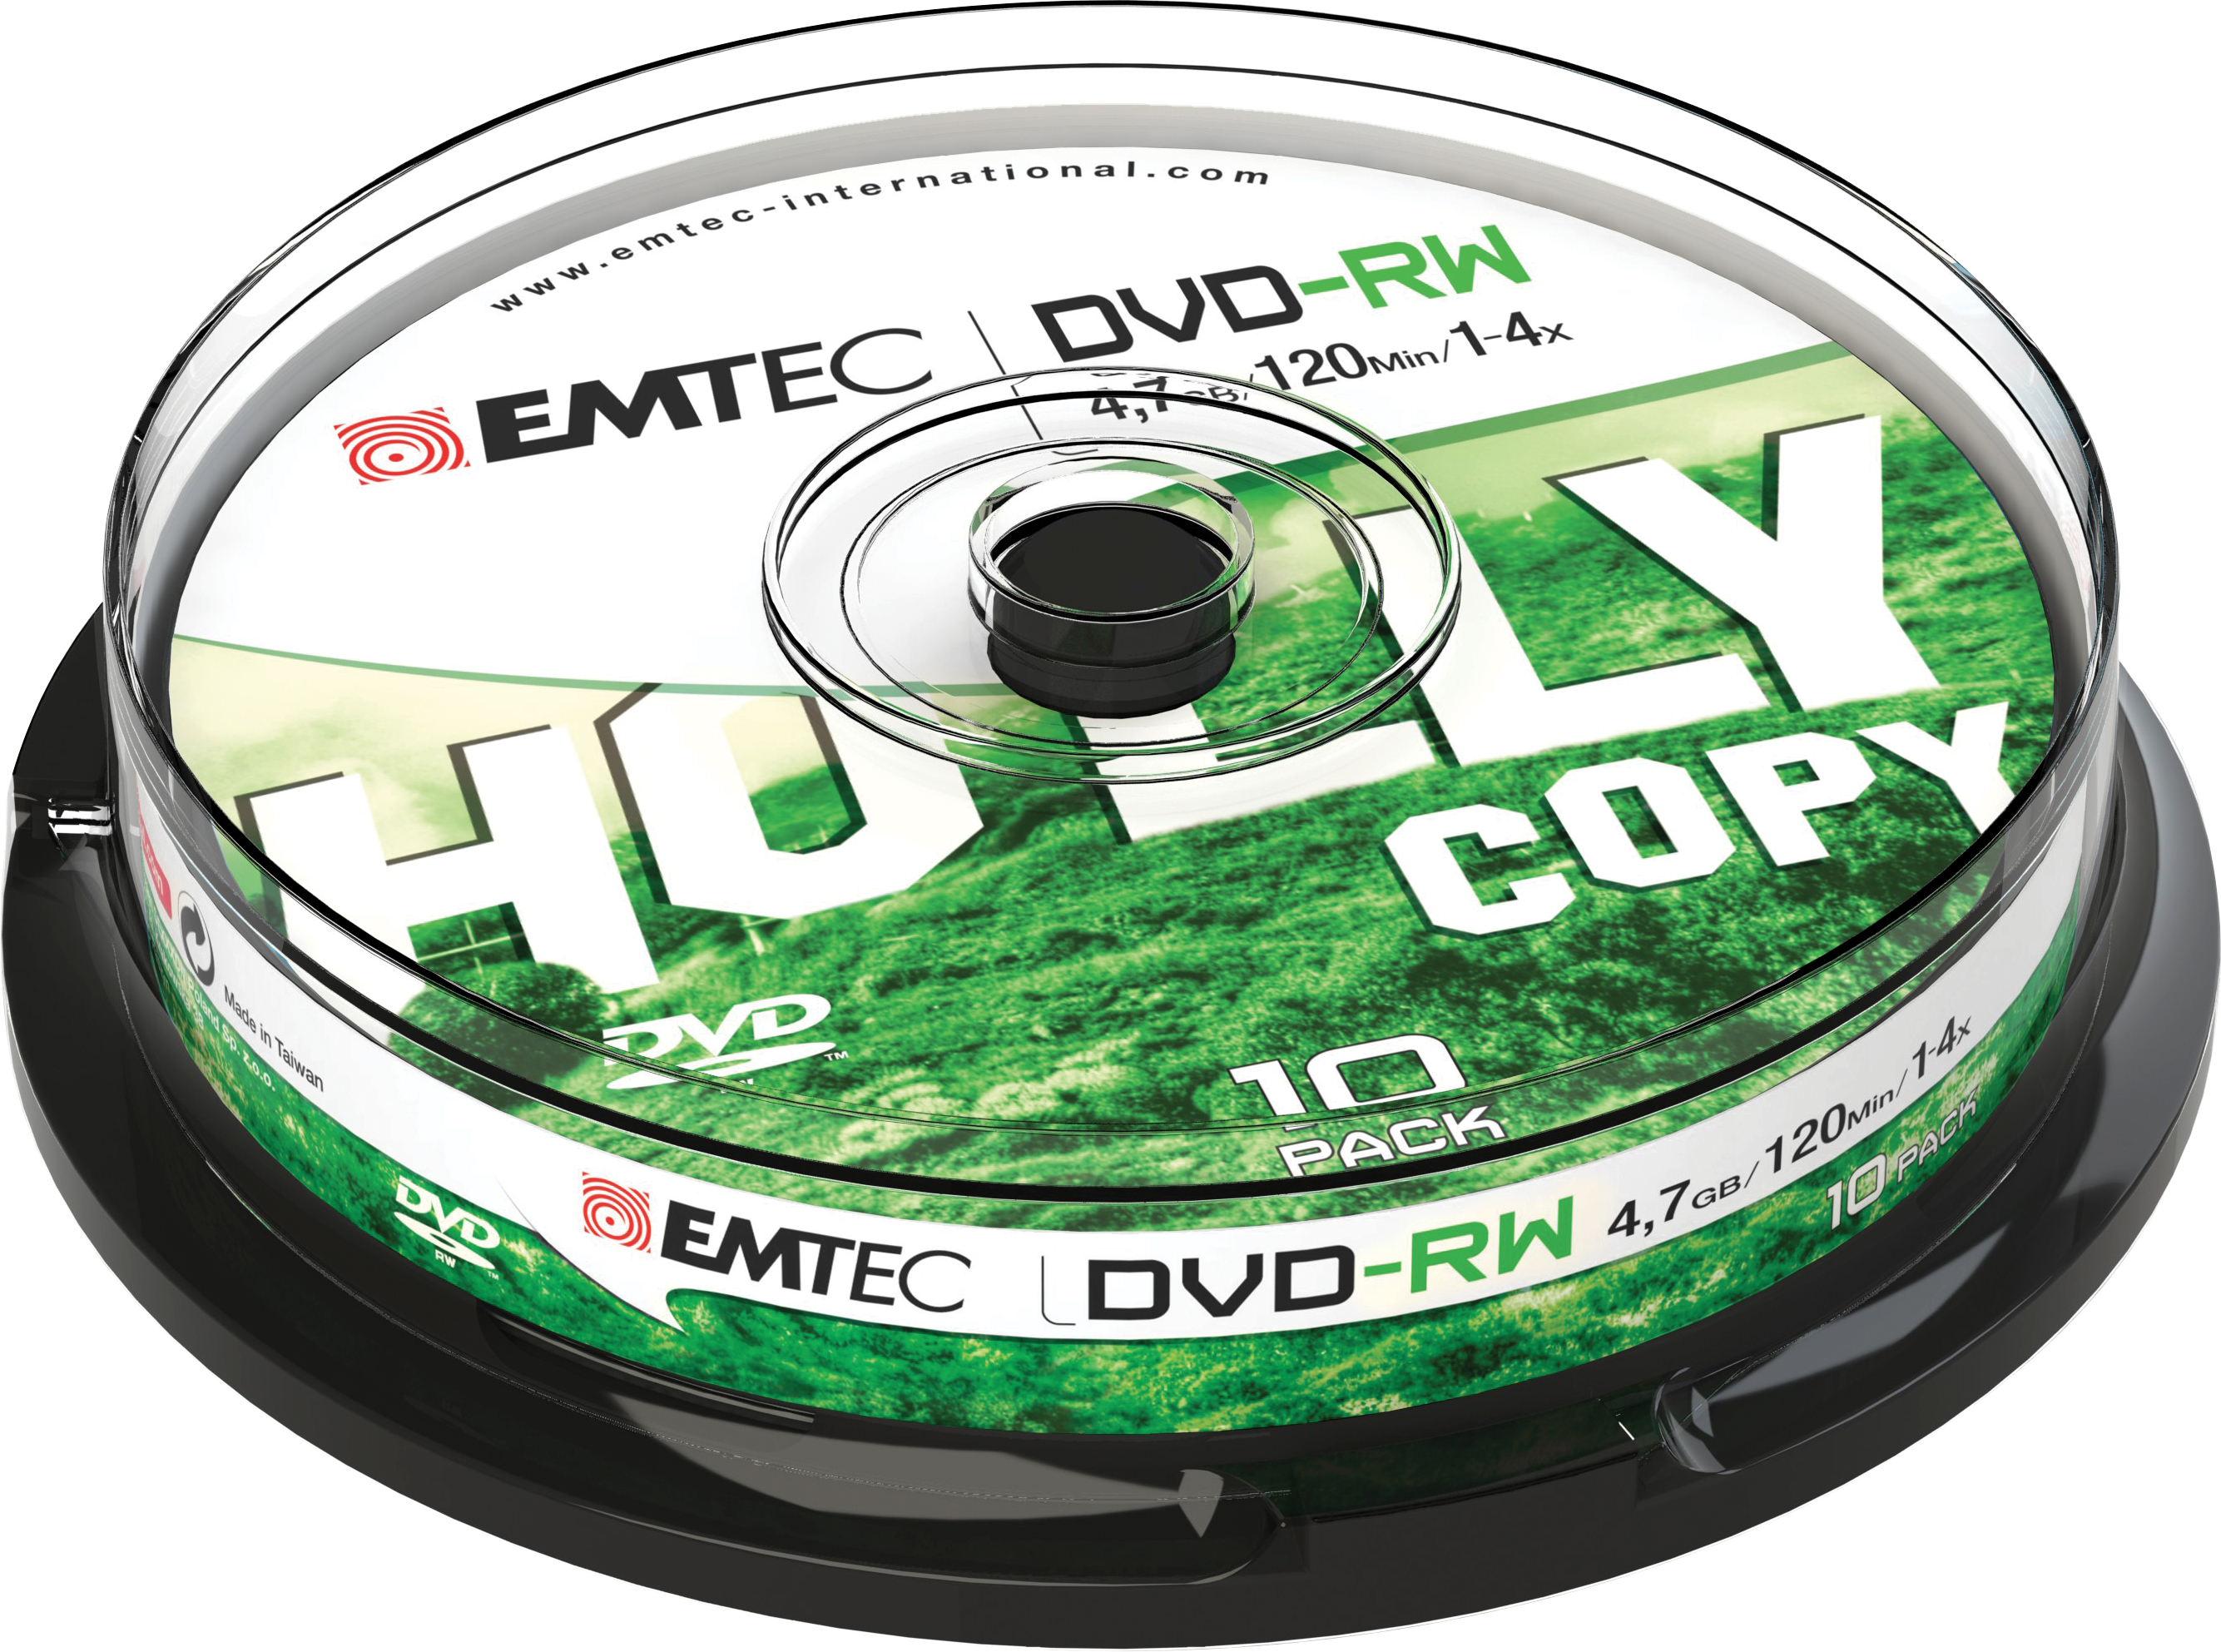 EMTEC 10 x DVD-RW - 4.7 GB (120 Min.) 4x